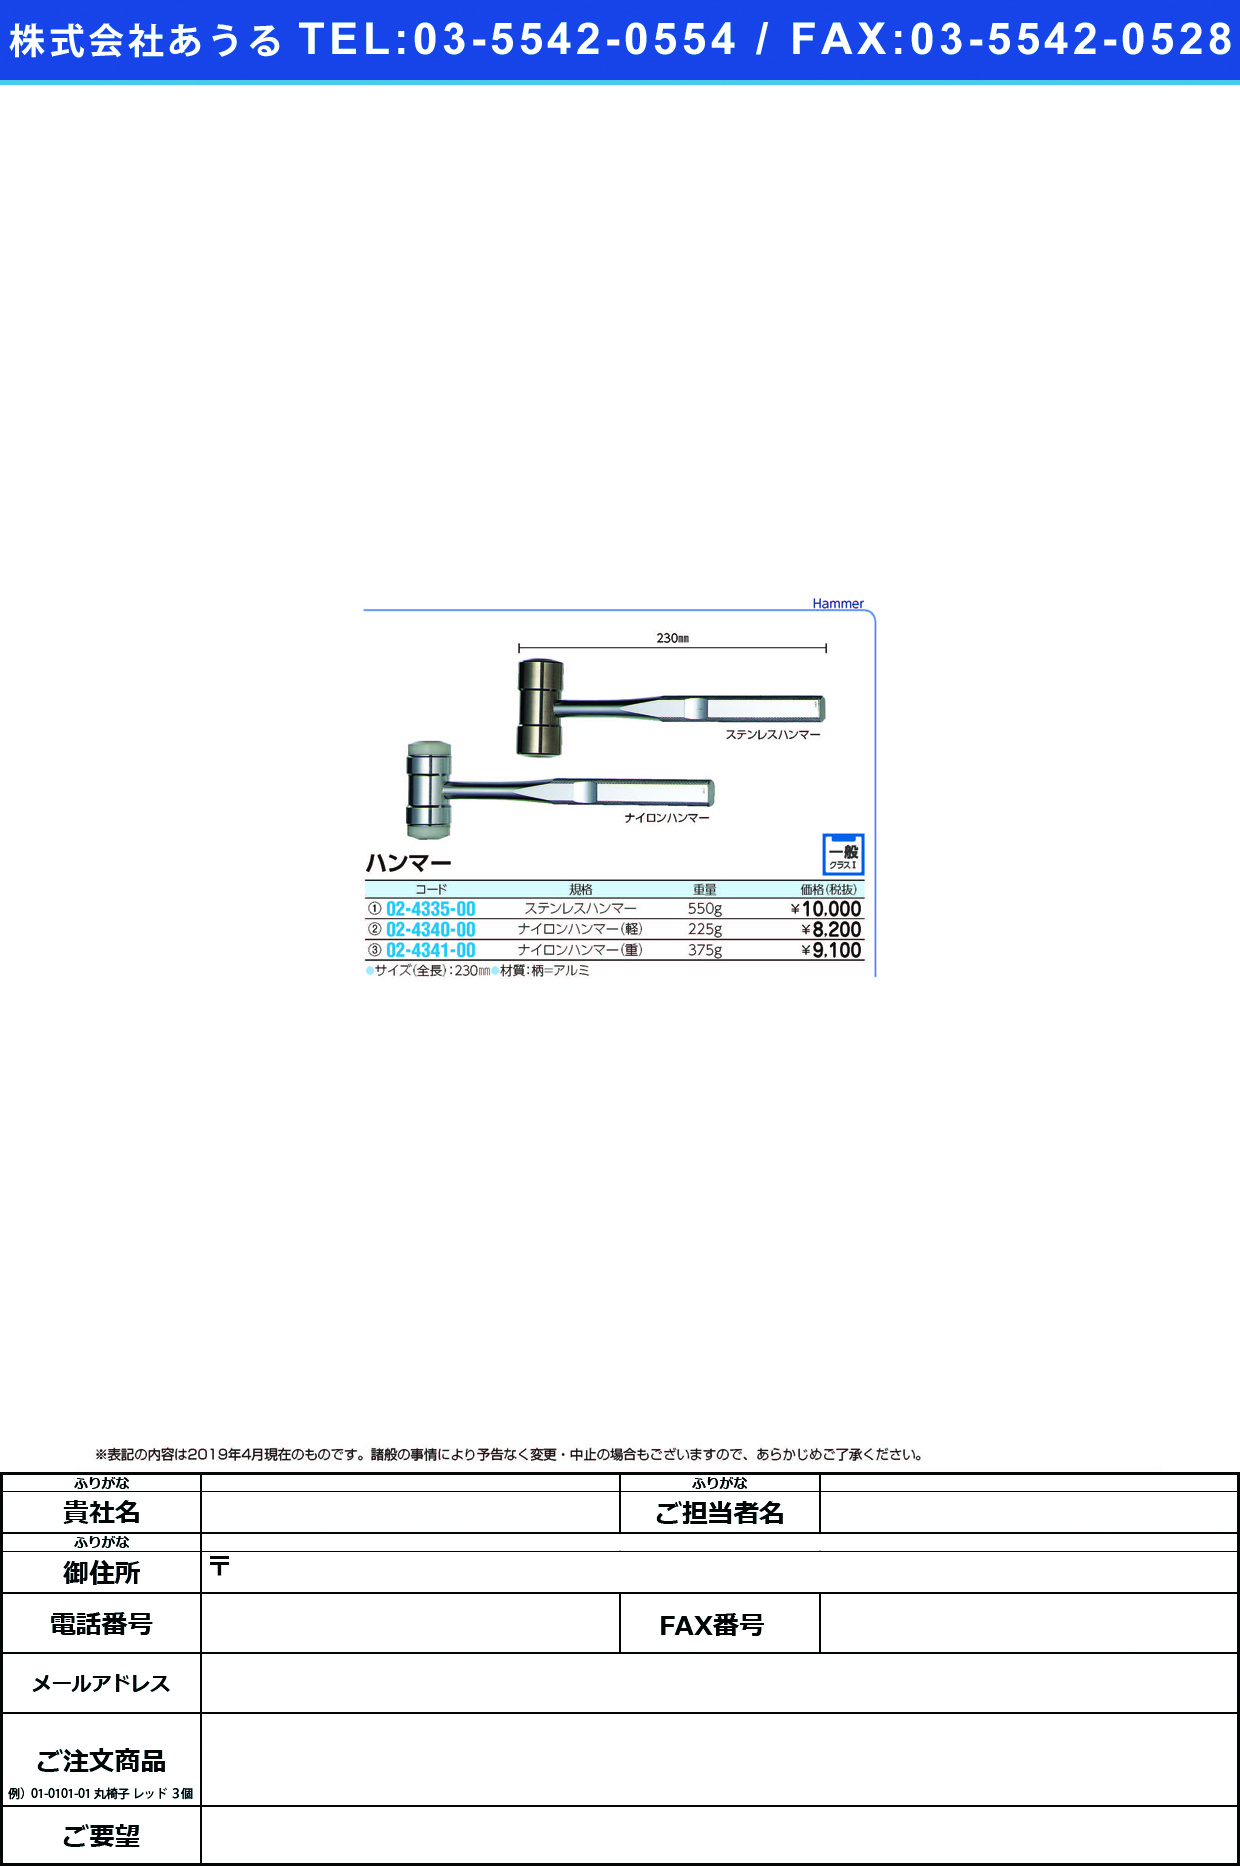 (02-4340-00)ナイロンハンマー(軽) 225G ナイロンハンマ-(ケイ)【1本単位】【2019年カタログ商品】